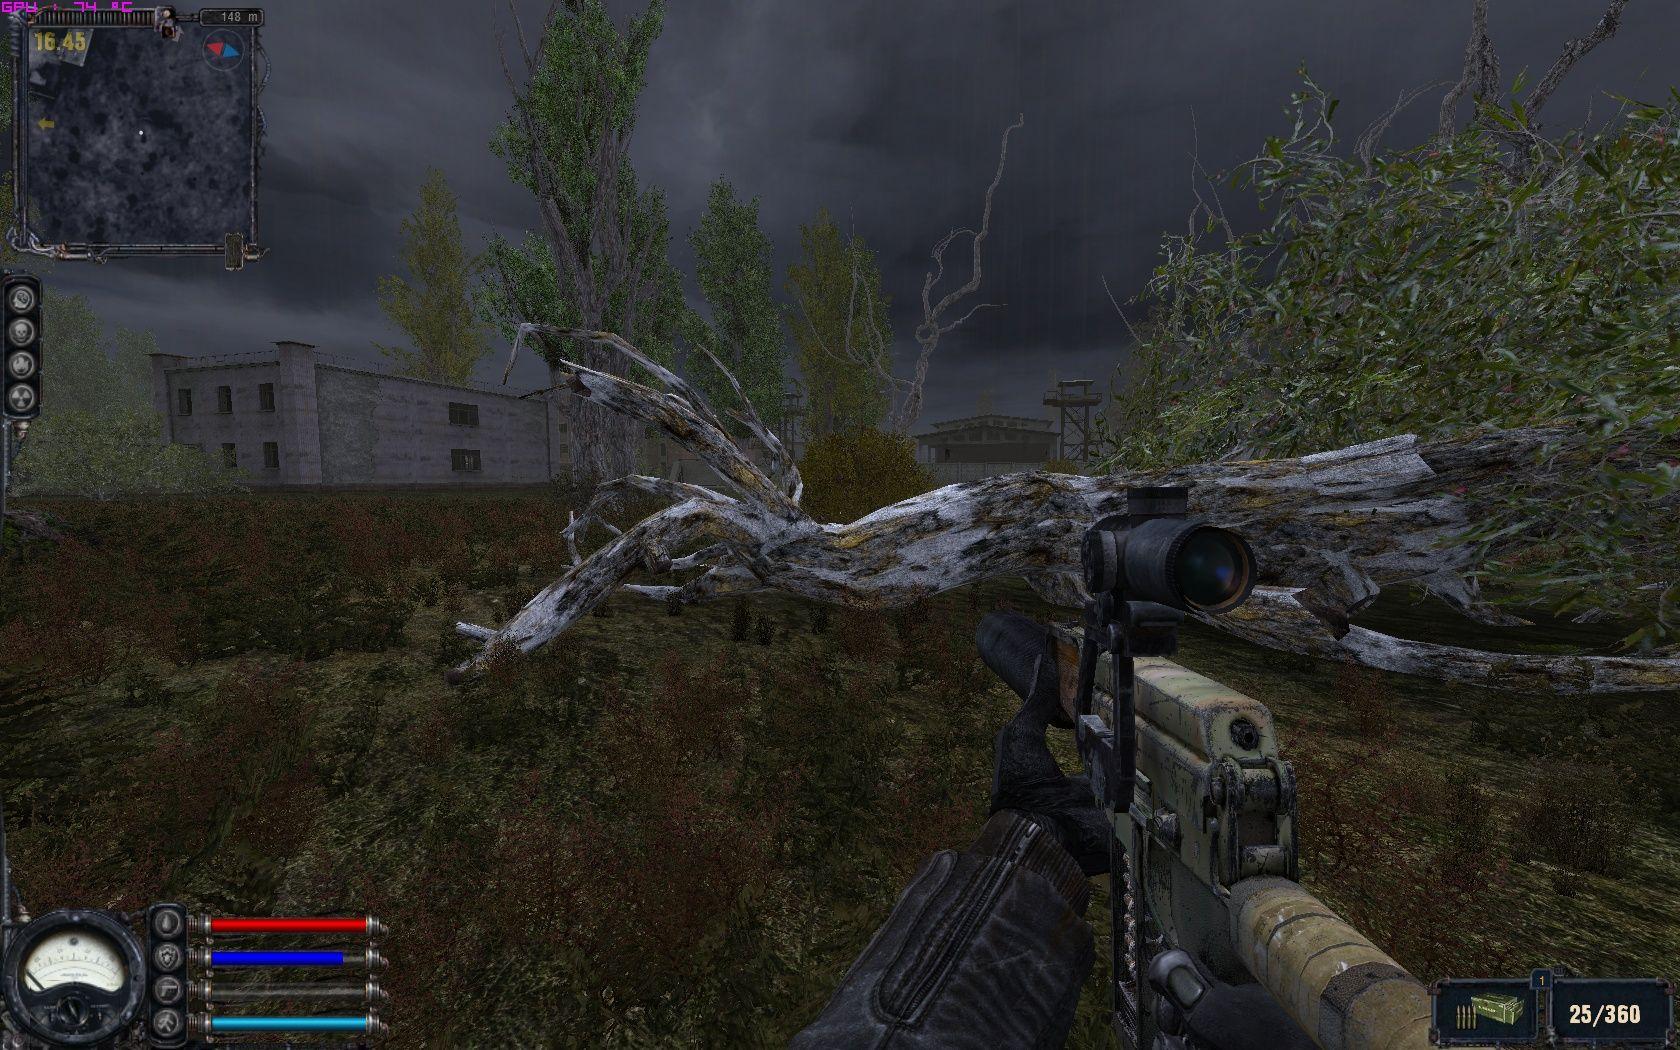 Скачать игру сталкер чистое небо кровь и пуля через торрент бесплатно.